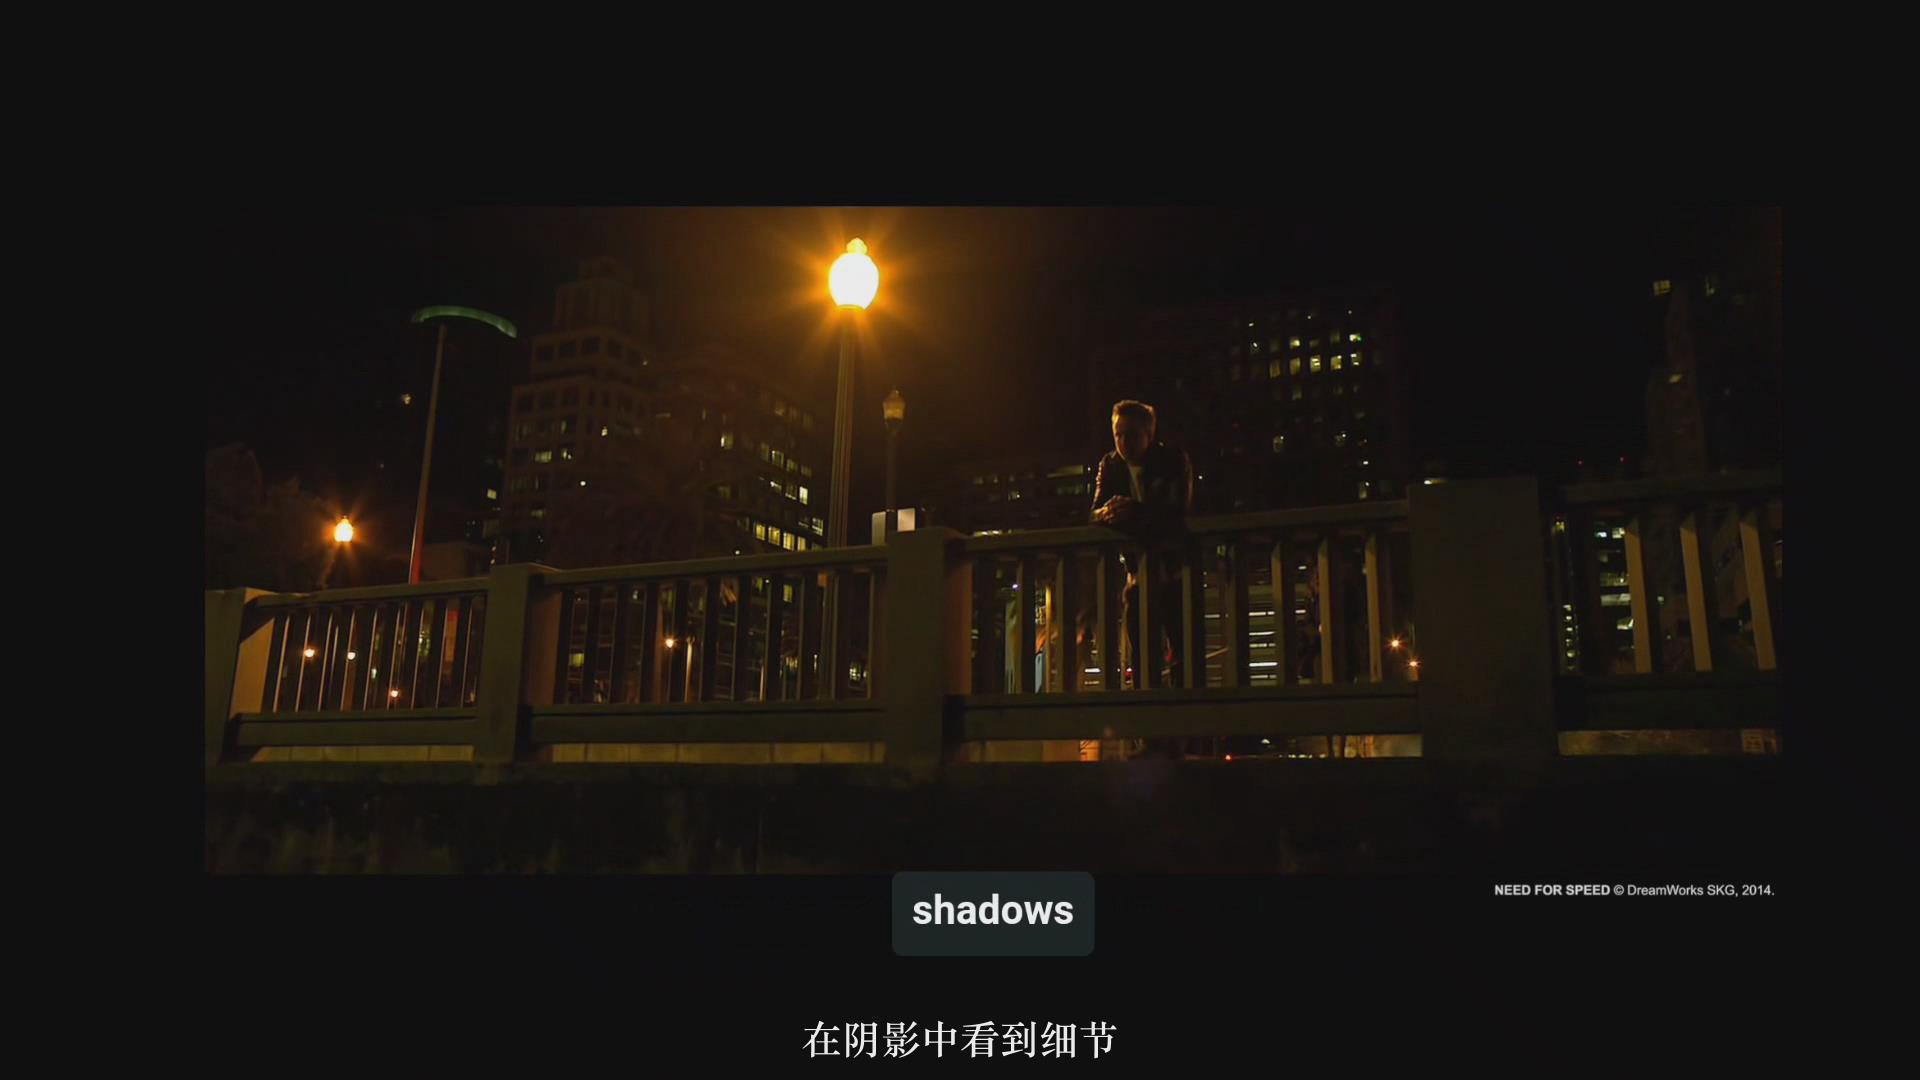 摄影教程_Hurlbut Academy–如何为电影在夜景室内场景布光营造自然外观-中文字幕 摄影教程 _预览图2